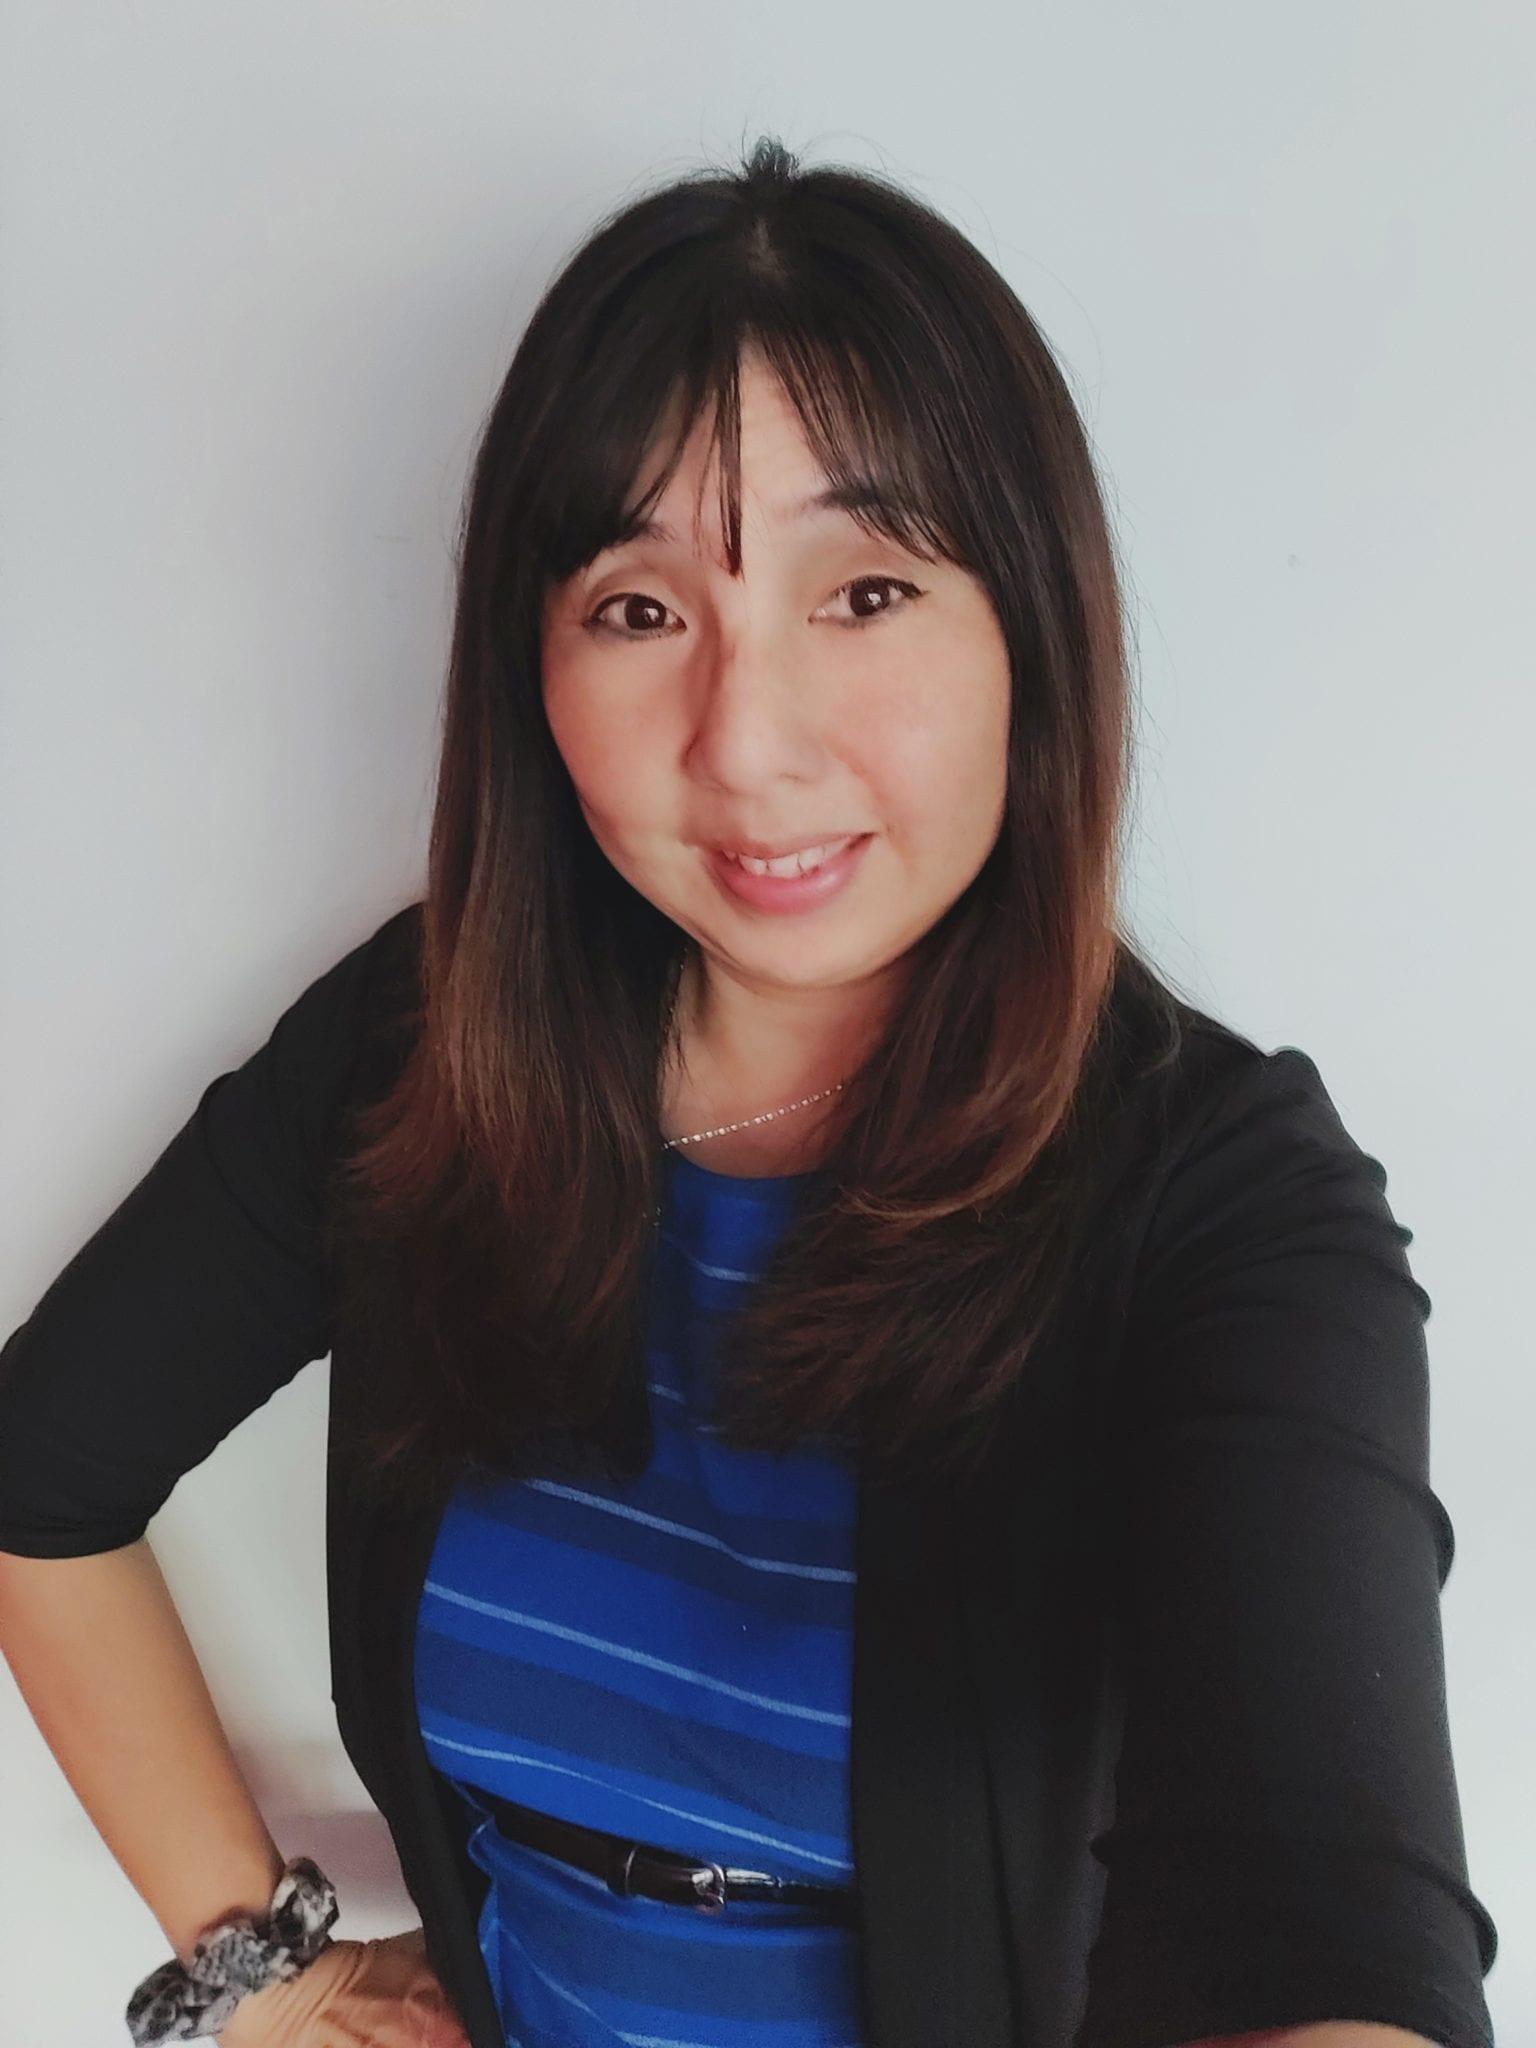 Mizue Suito